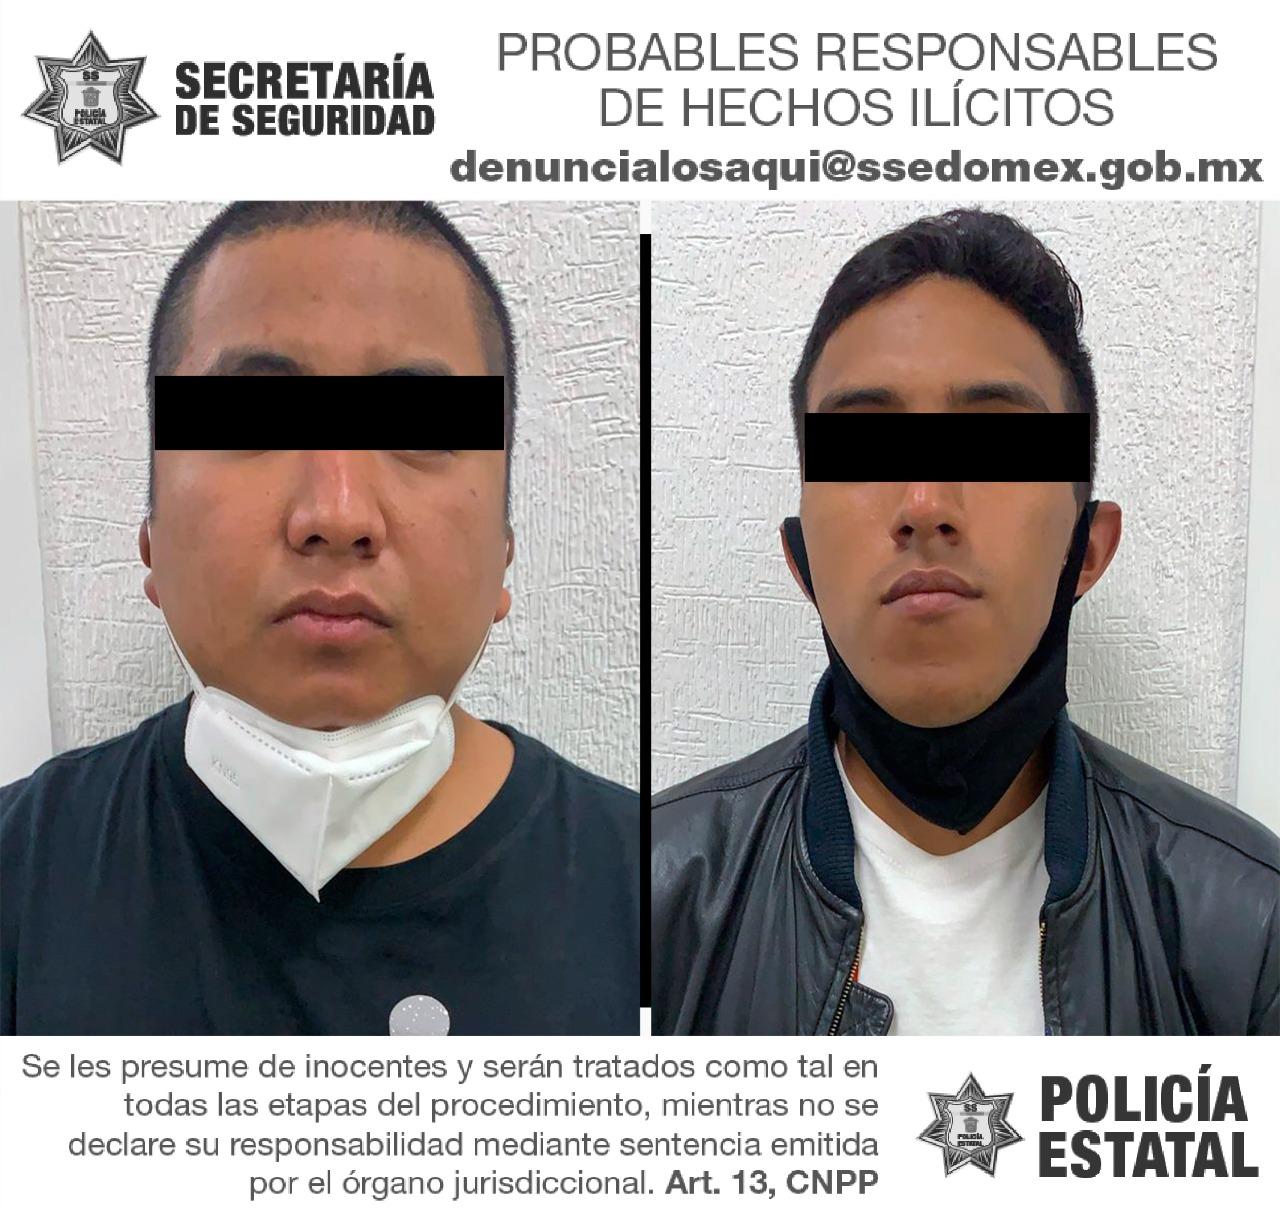 Secretaría de seguridad recupera vehículo robado y detiene a dos probables responsables del delito de encubrimiento por receptación